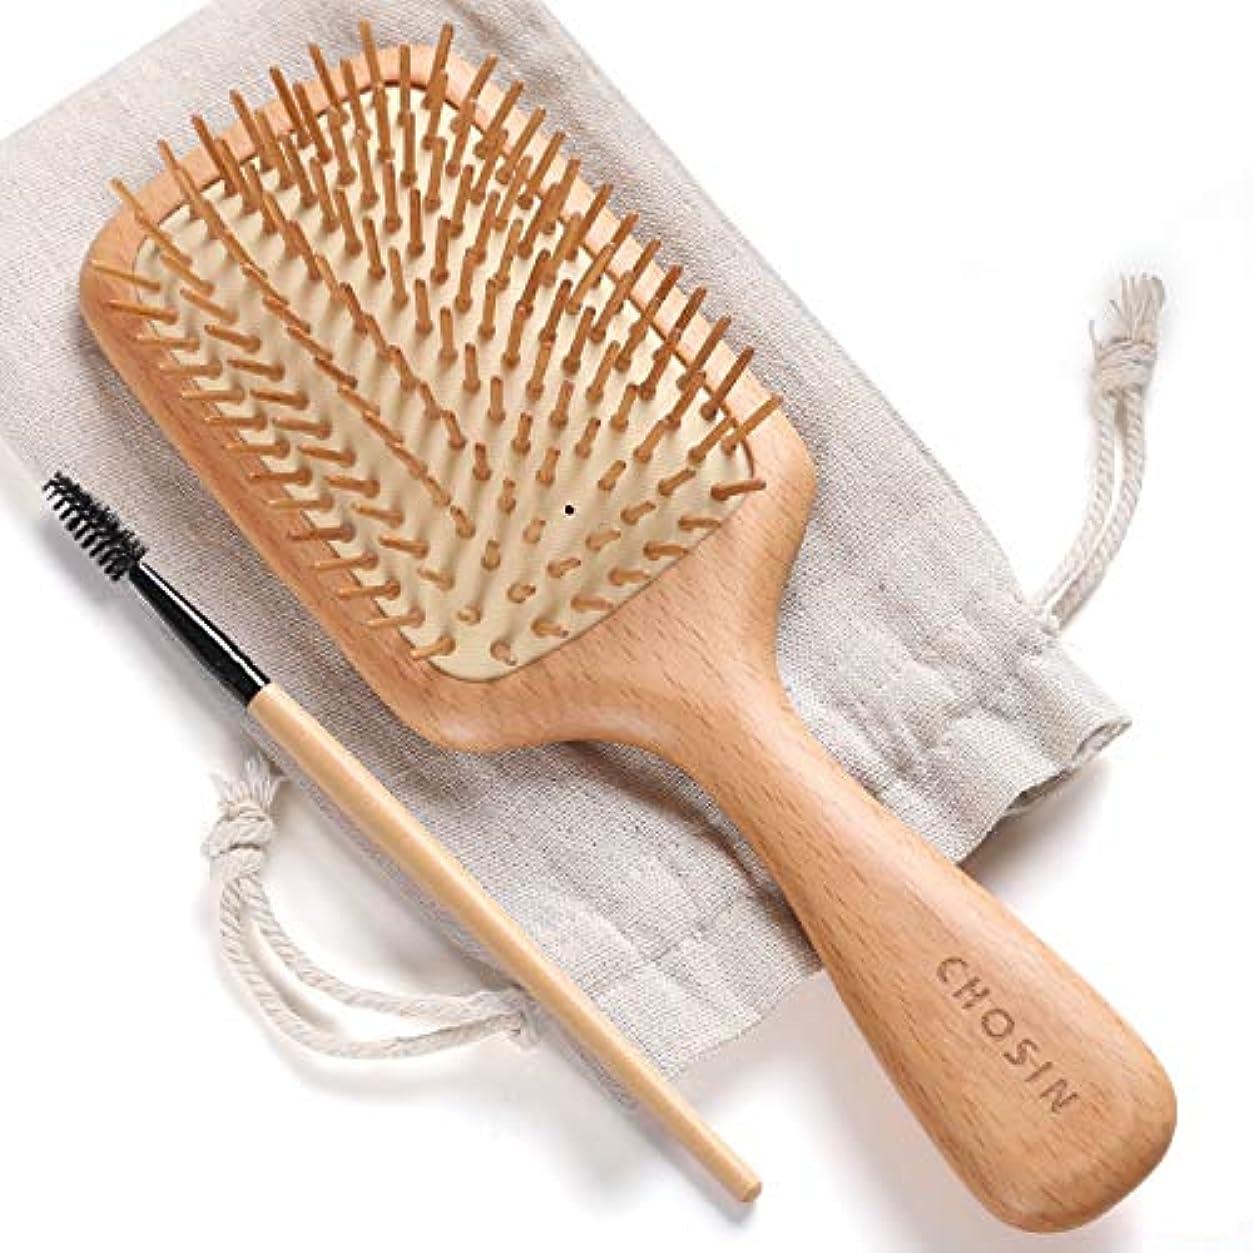 予約メナジェリーアリーナヘアブラシ CHOSIN 頭皮マッサージ 木製櫛 髪をなめらかにする ヘアケア 静電気防止脱毛防止頭皮の圧迫軽減 男性と女性への適用